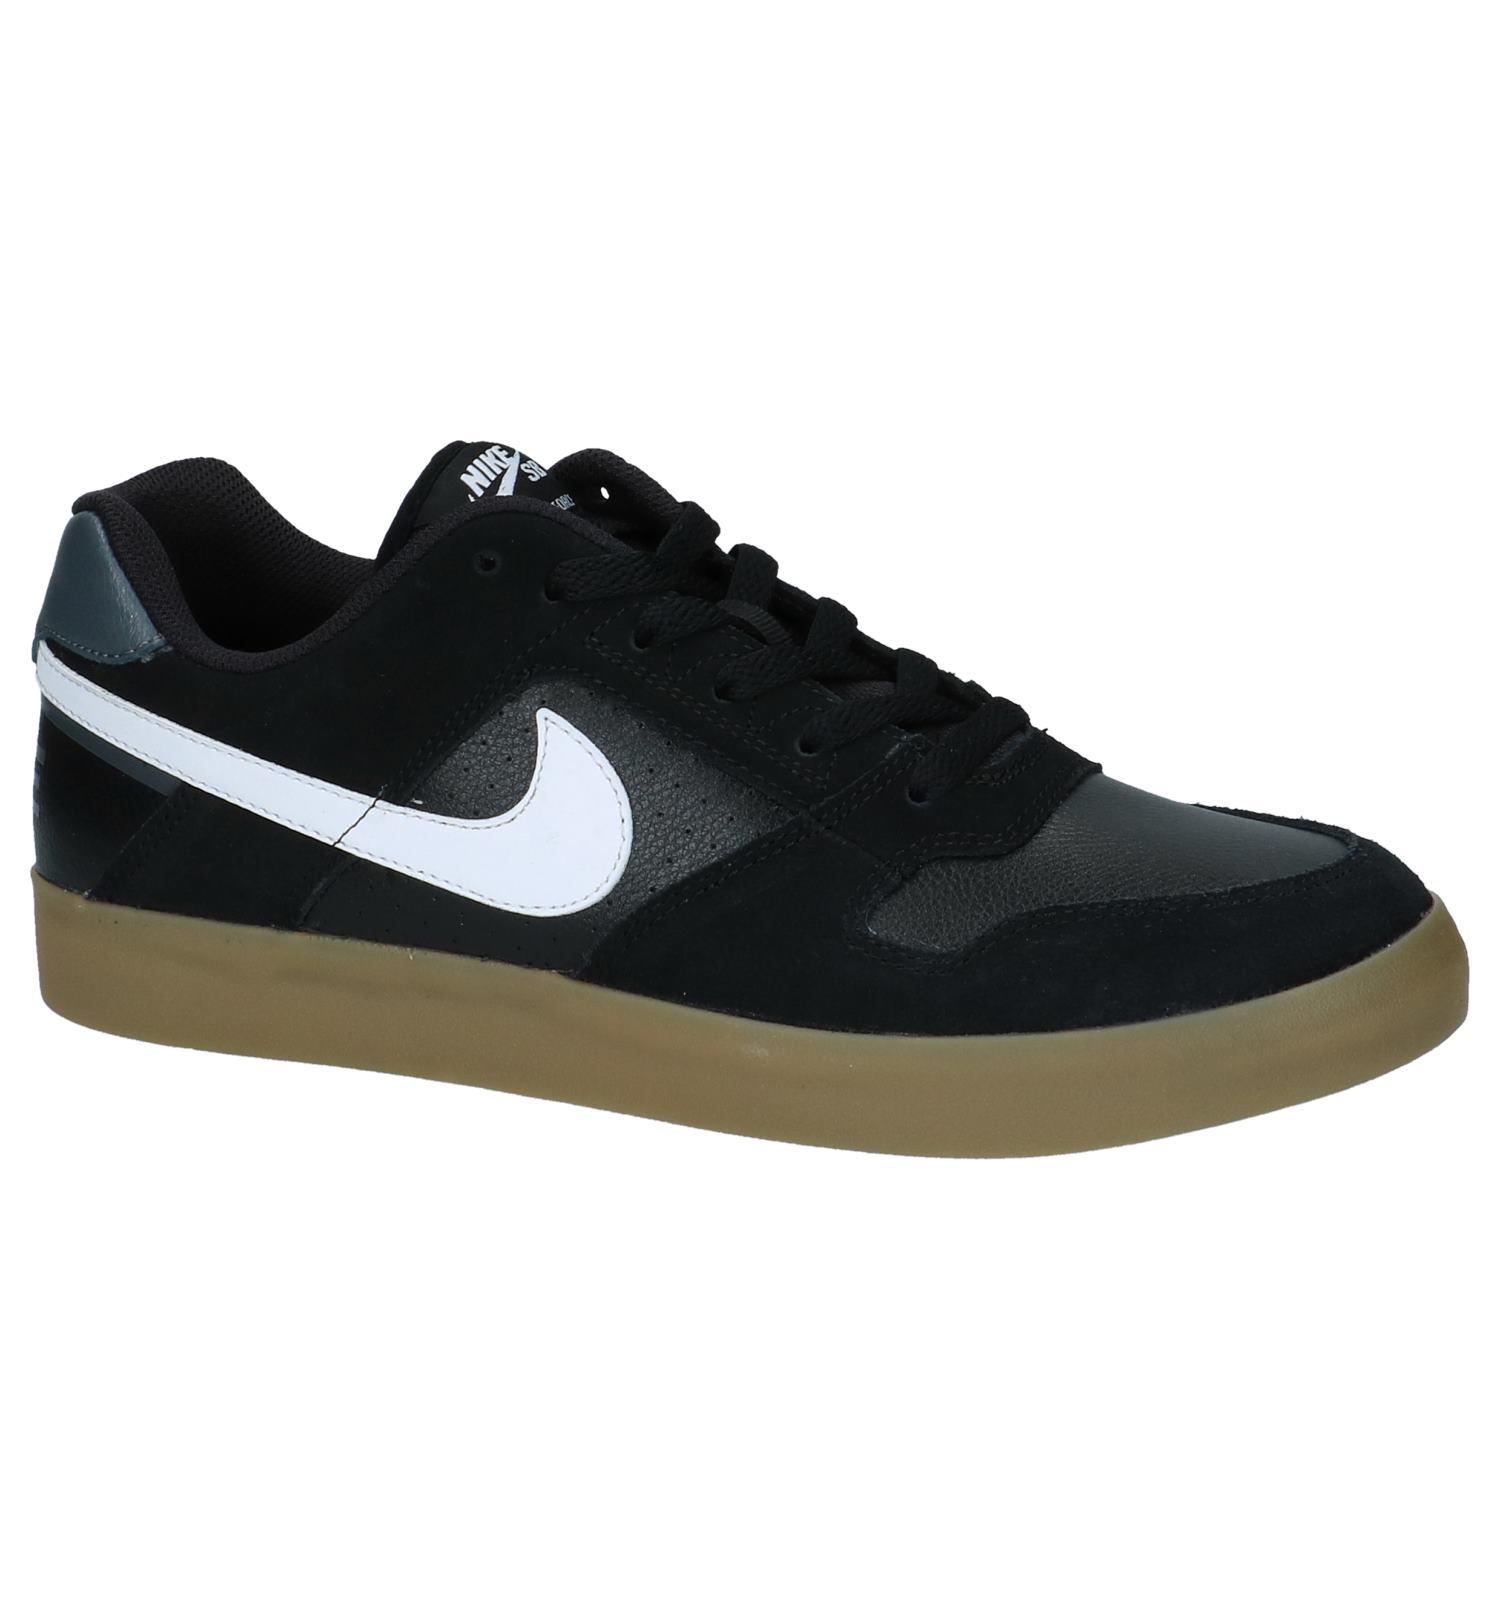 Zwarte Skateschoenen Nike SB Delta Force Vulc   SCHOENENTORFS.NL   Gratis verzend en retour